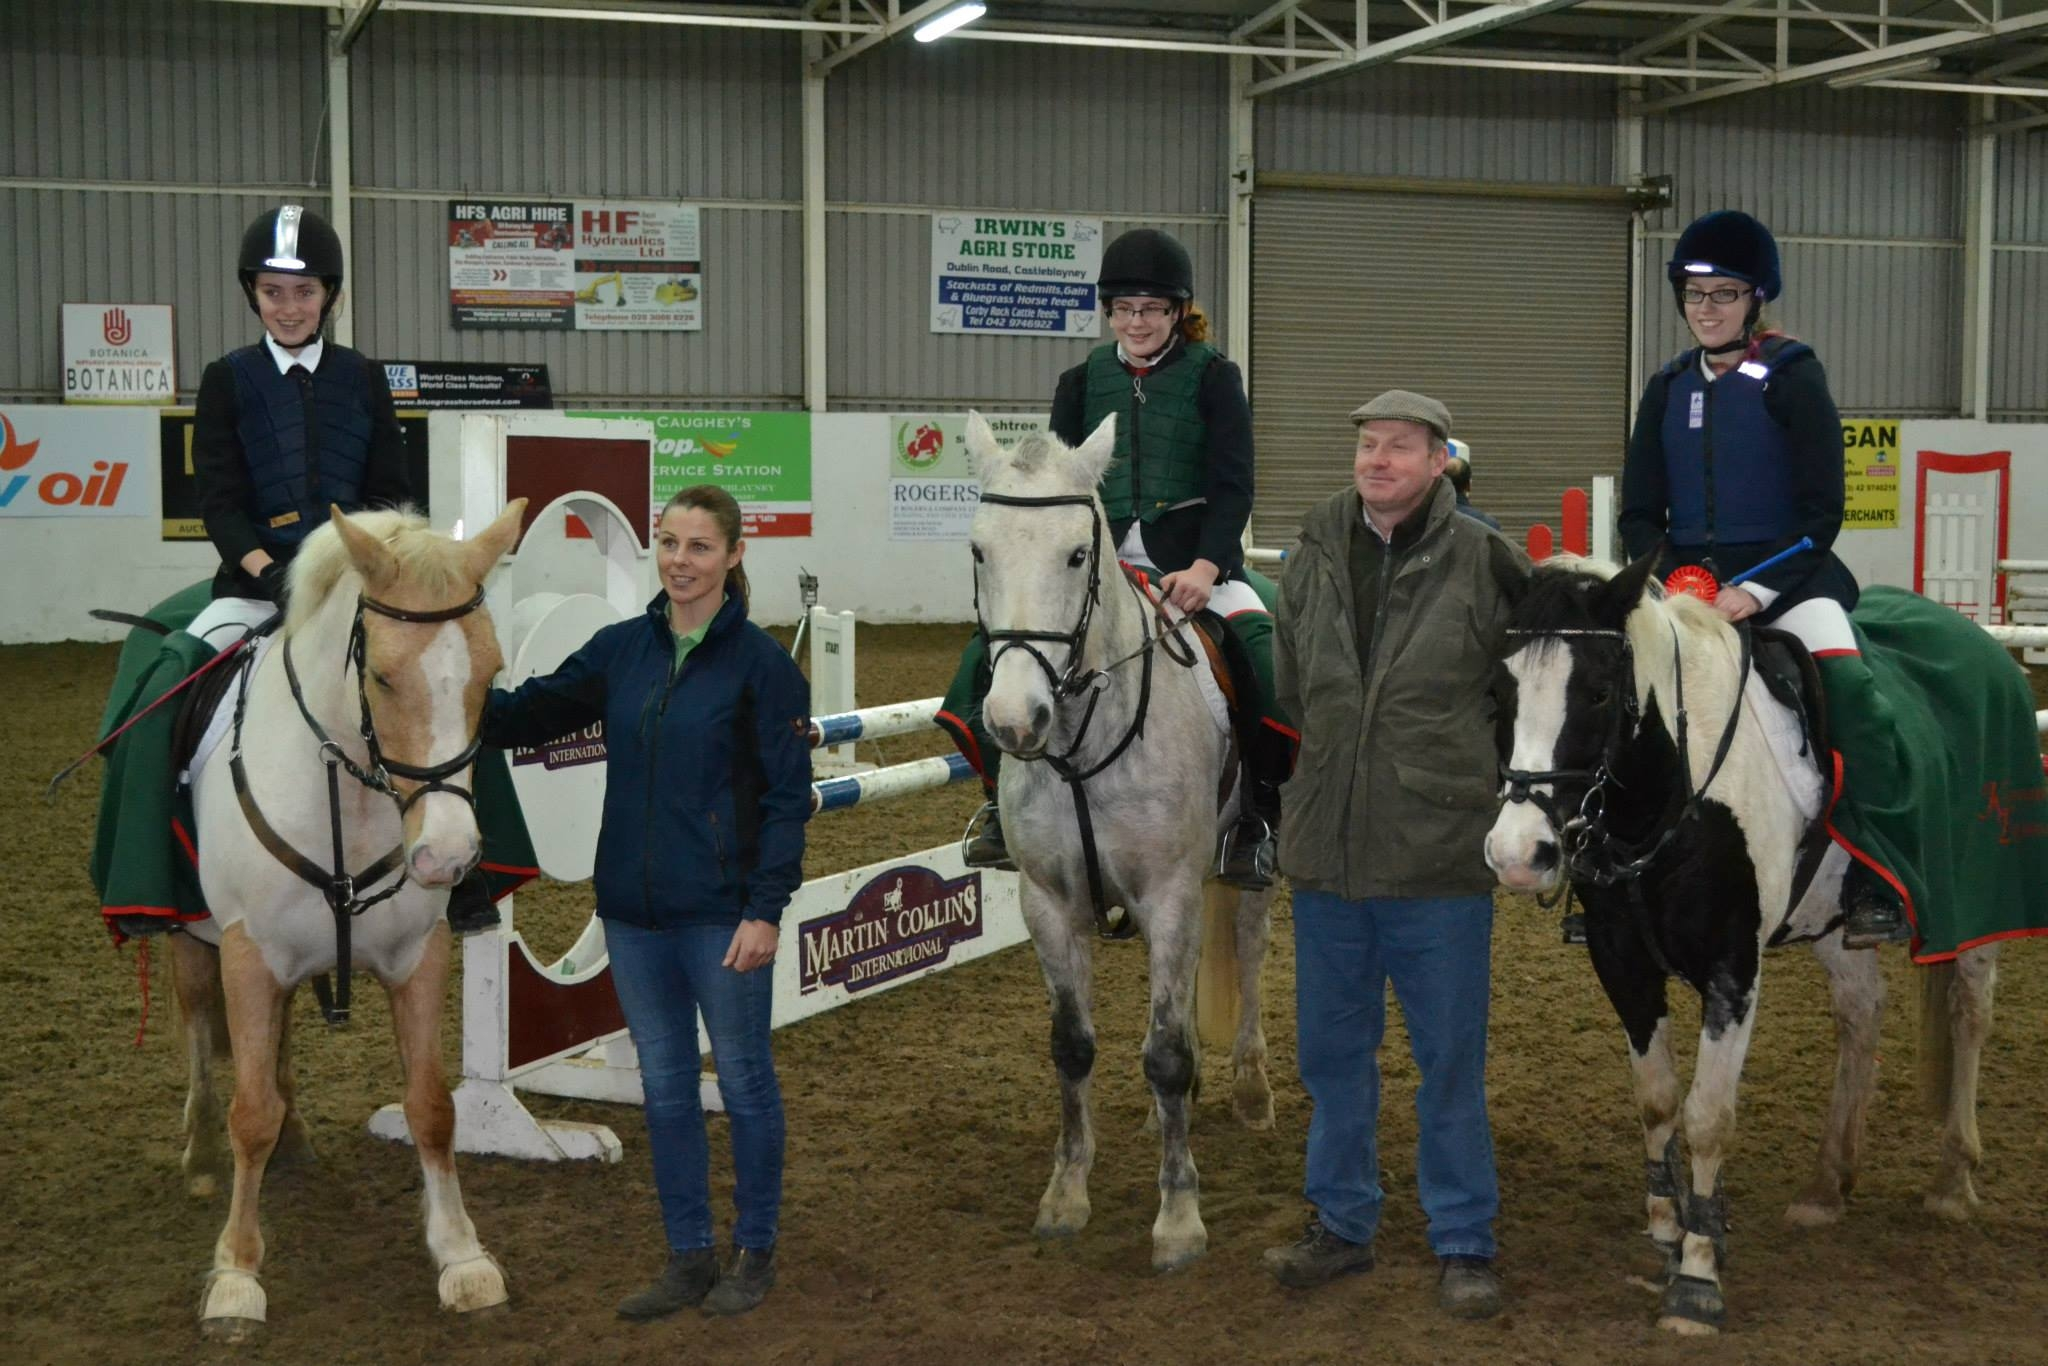 Equestrian Interschools Ireland At Kernan Equestrian